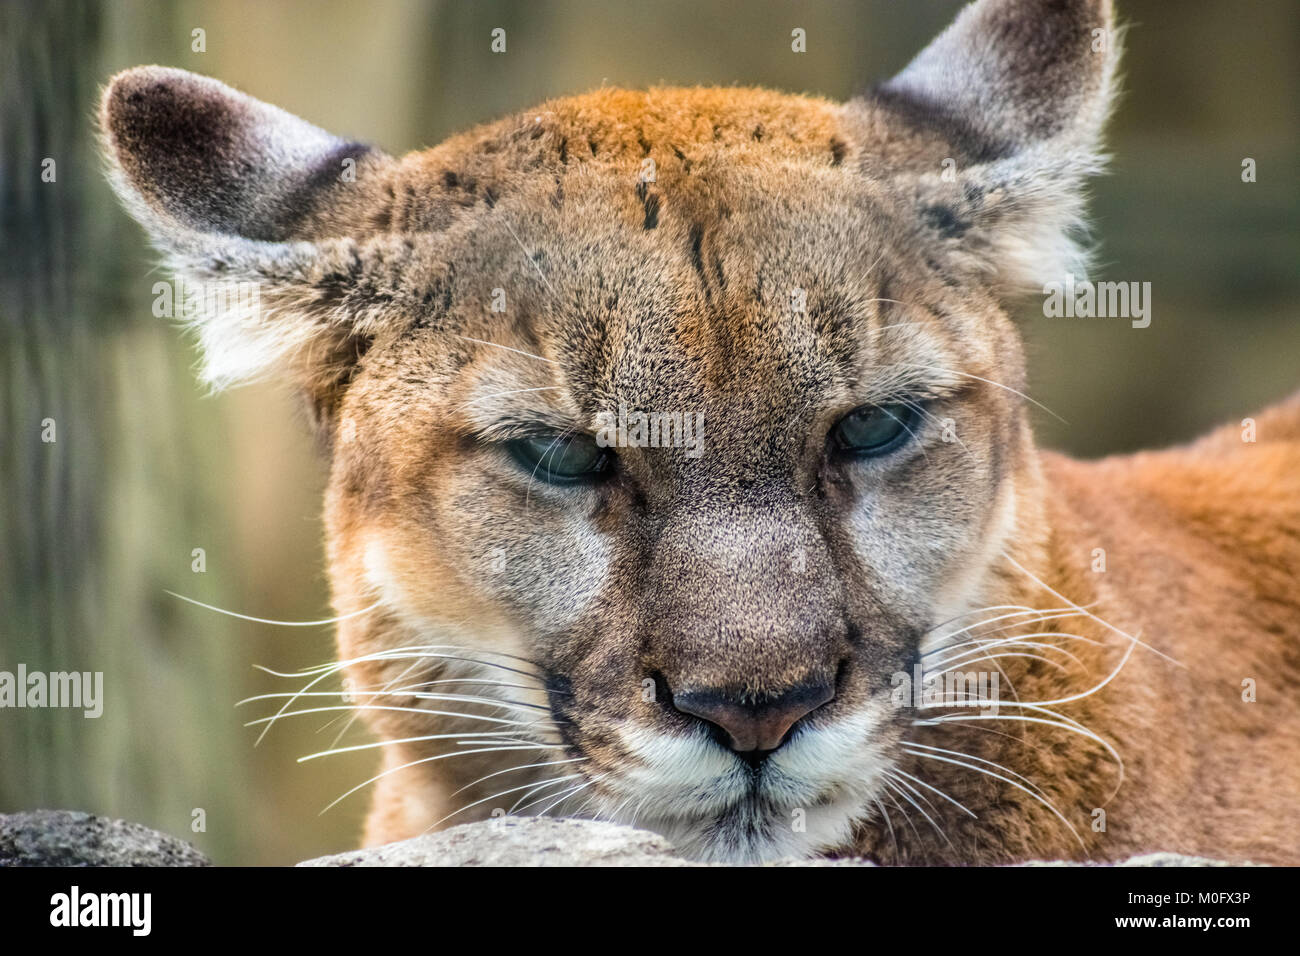 Hangry Cougar mirando a la cámara Imagen De Stock